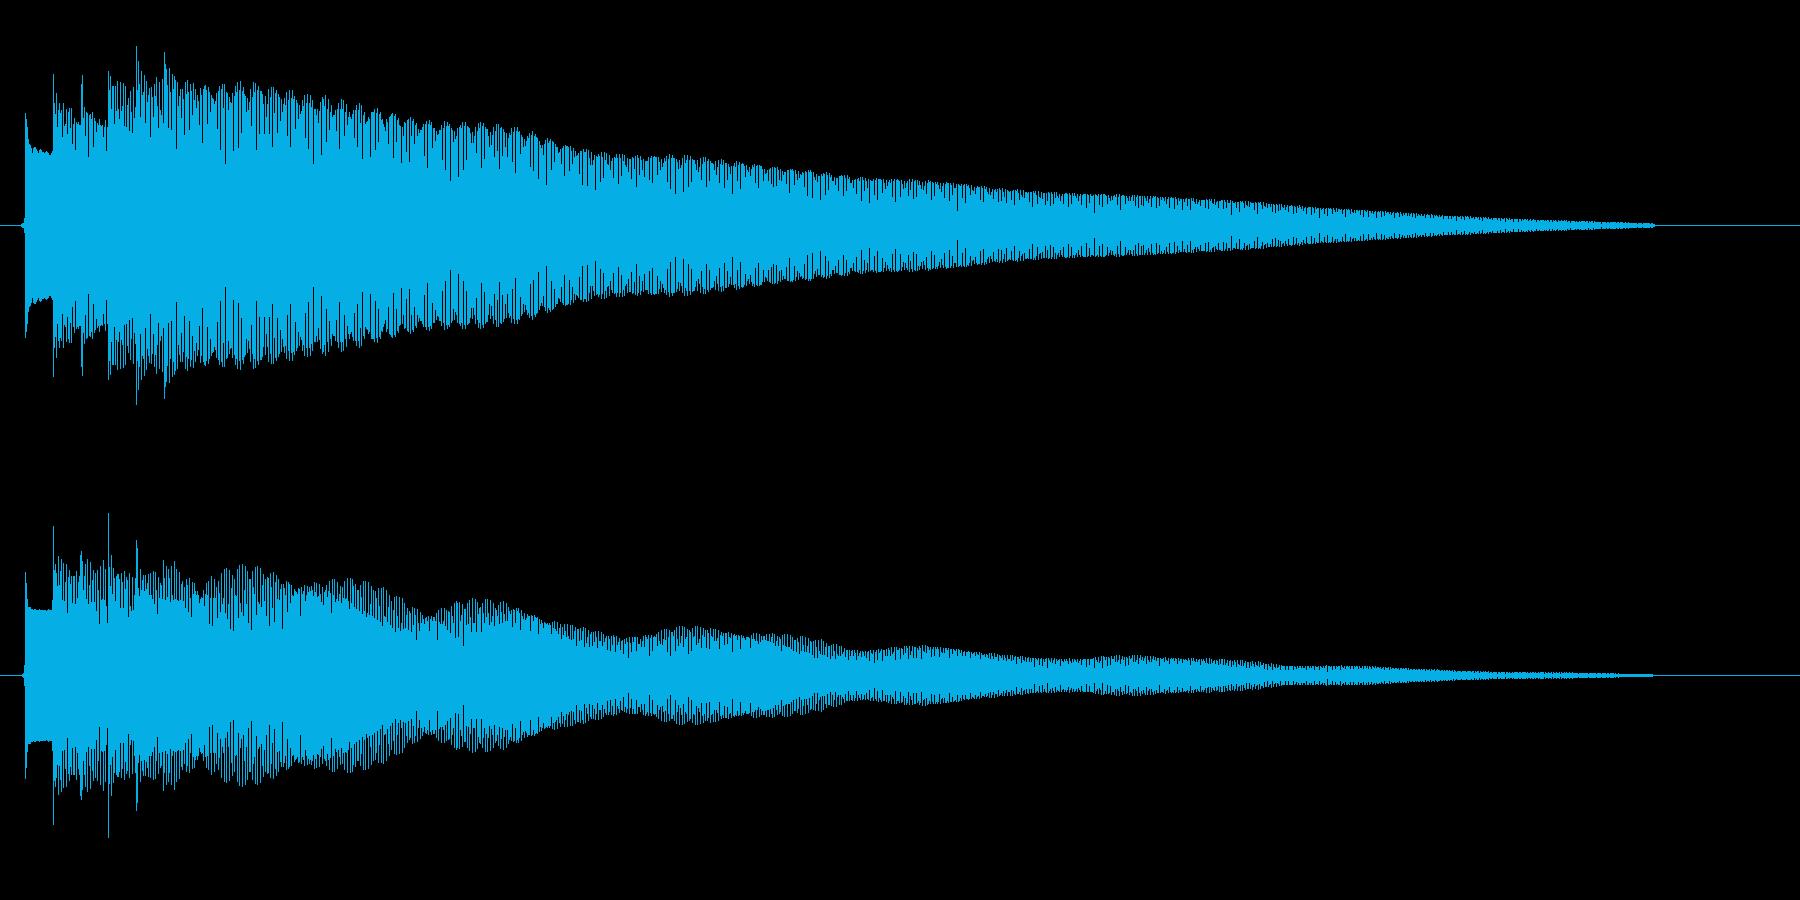 「ピンポンピンポン〜!」クイズに正解し…の再生済みの波形